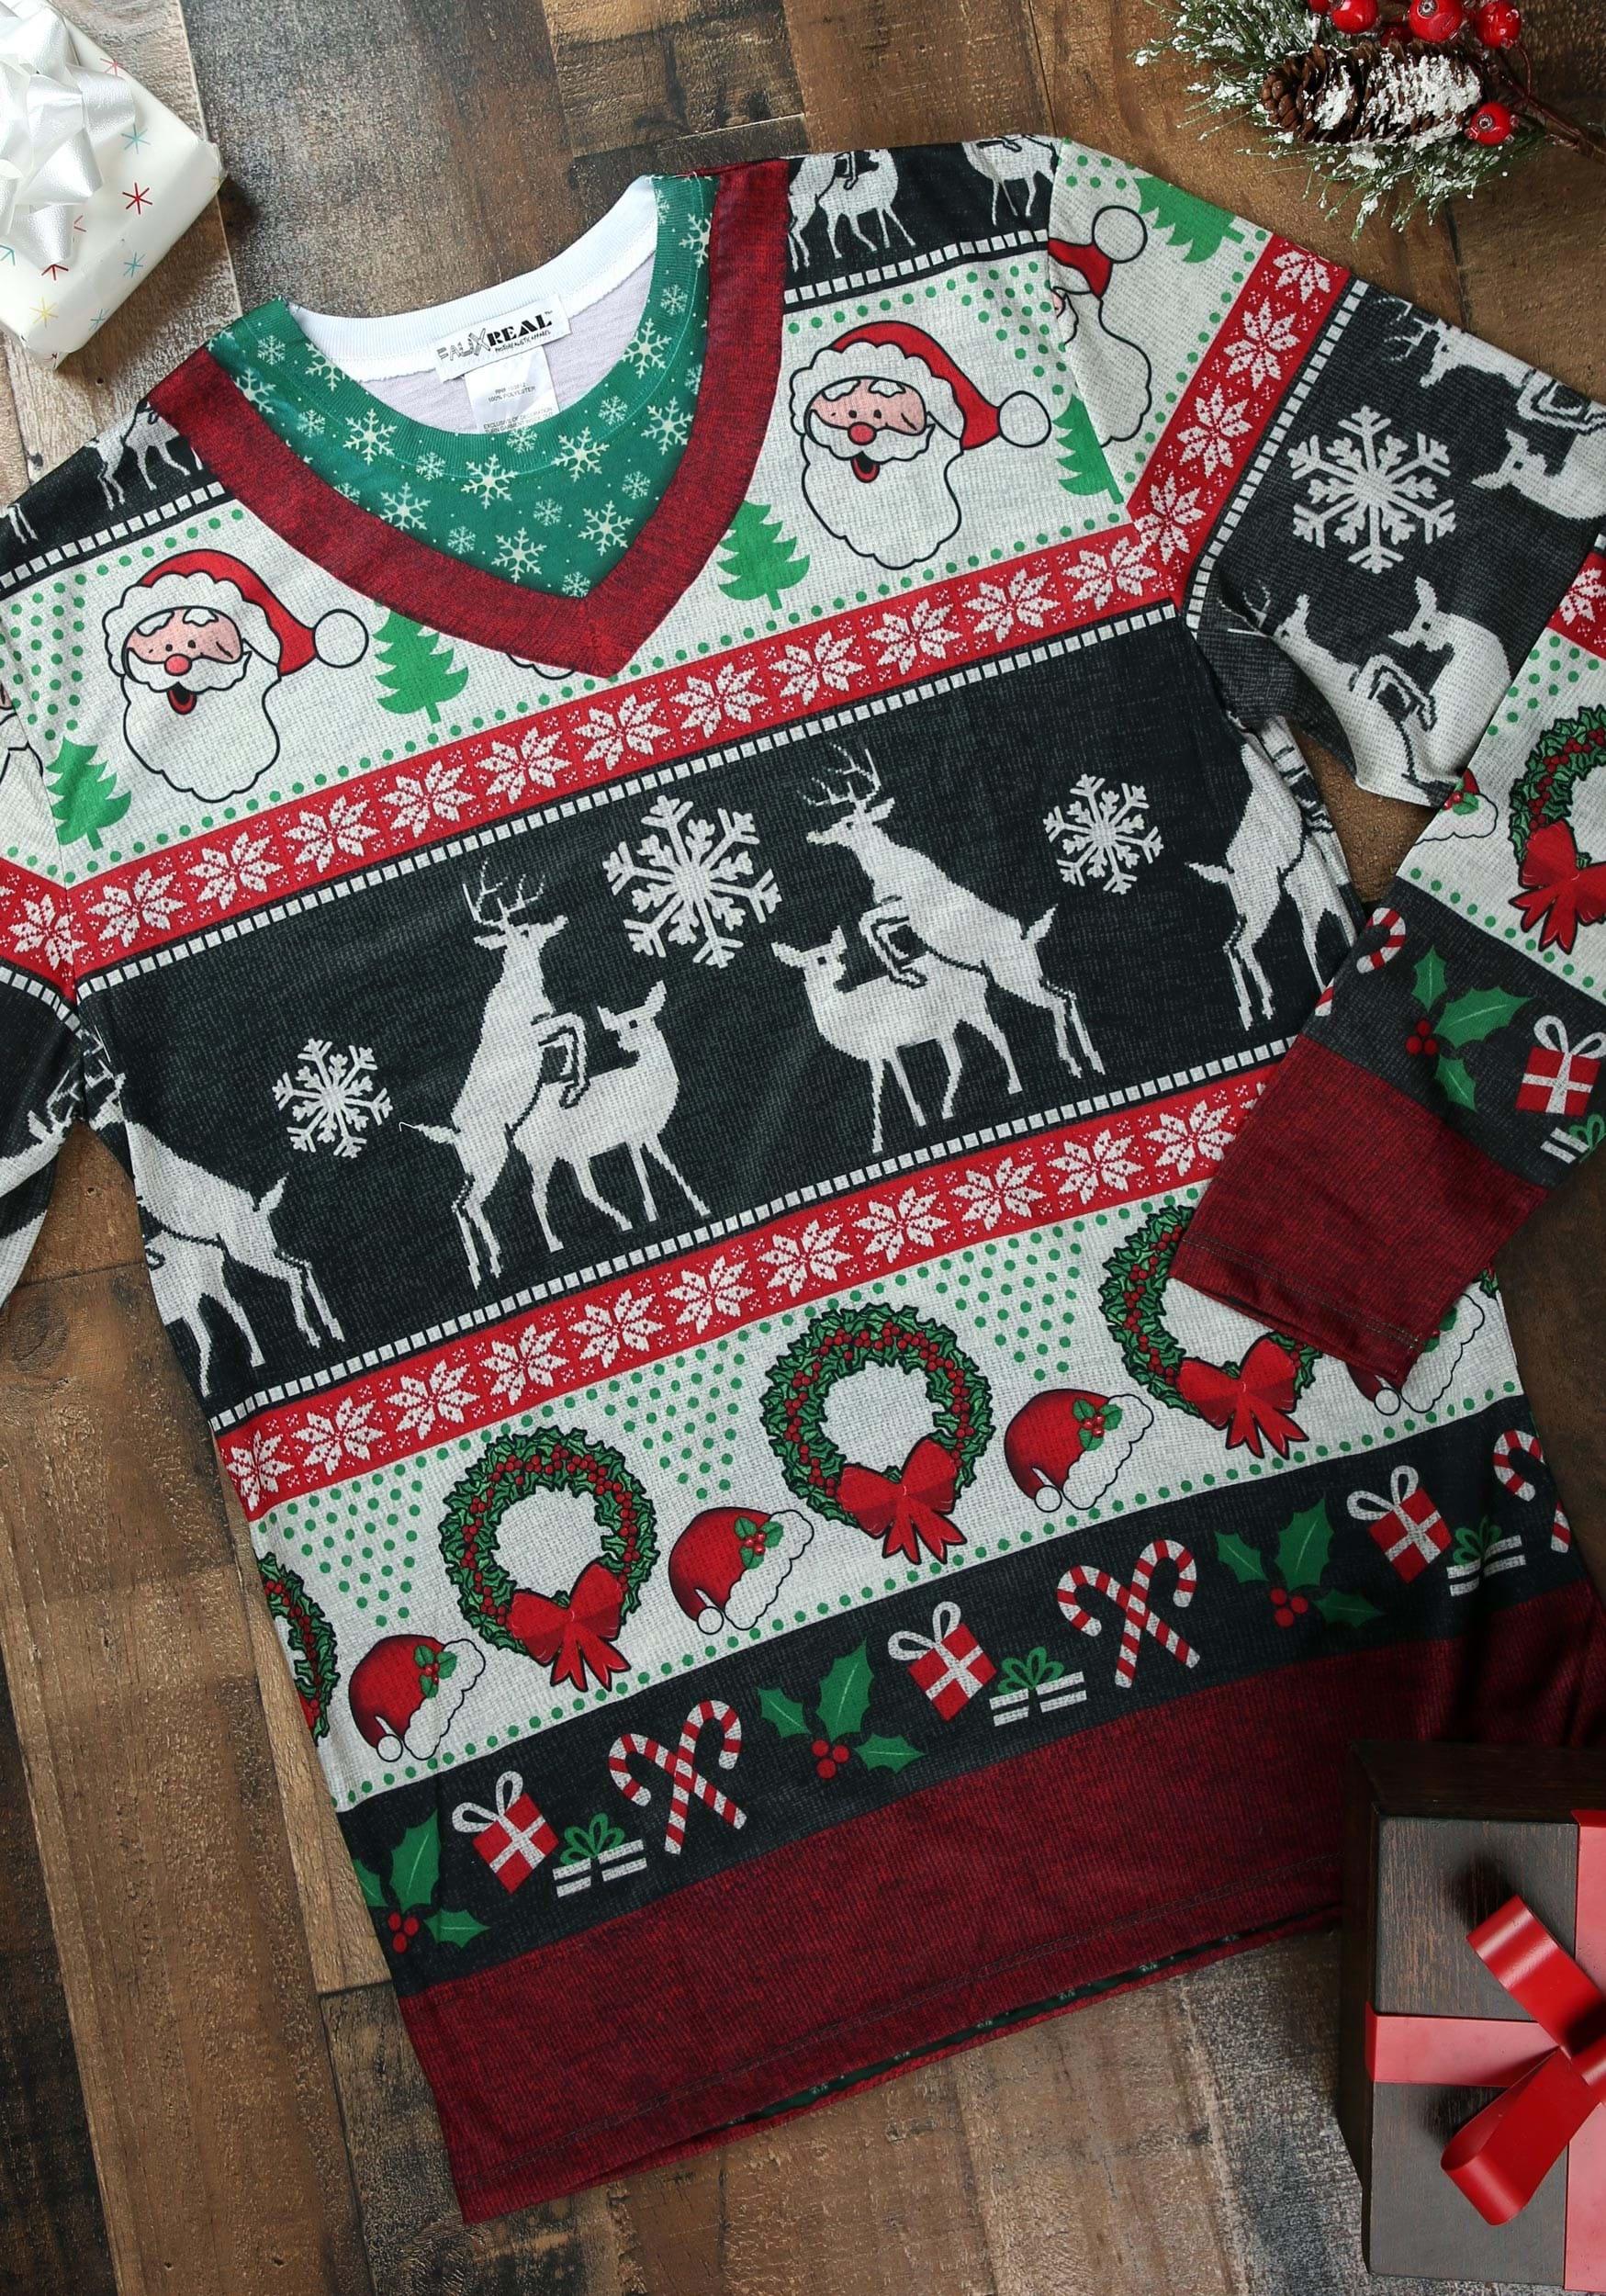 Trim A Home Outdoor Christmas Decorations